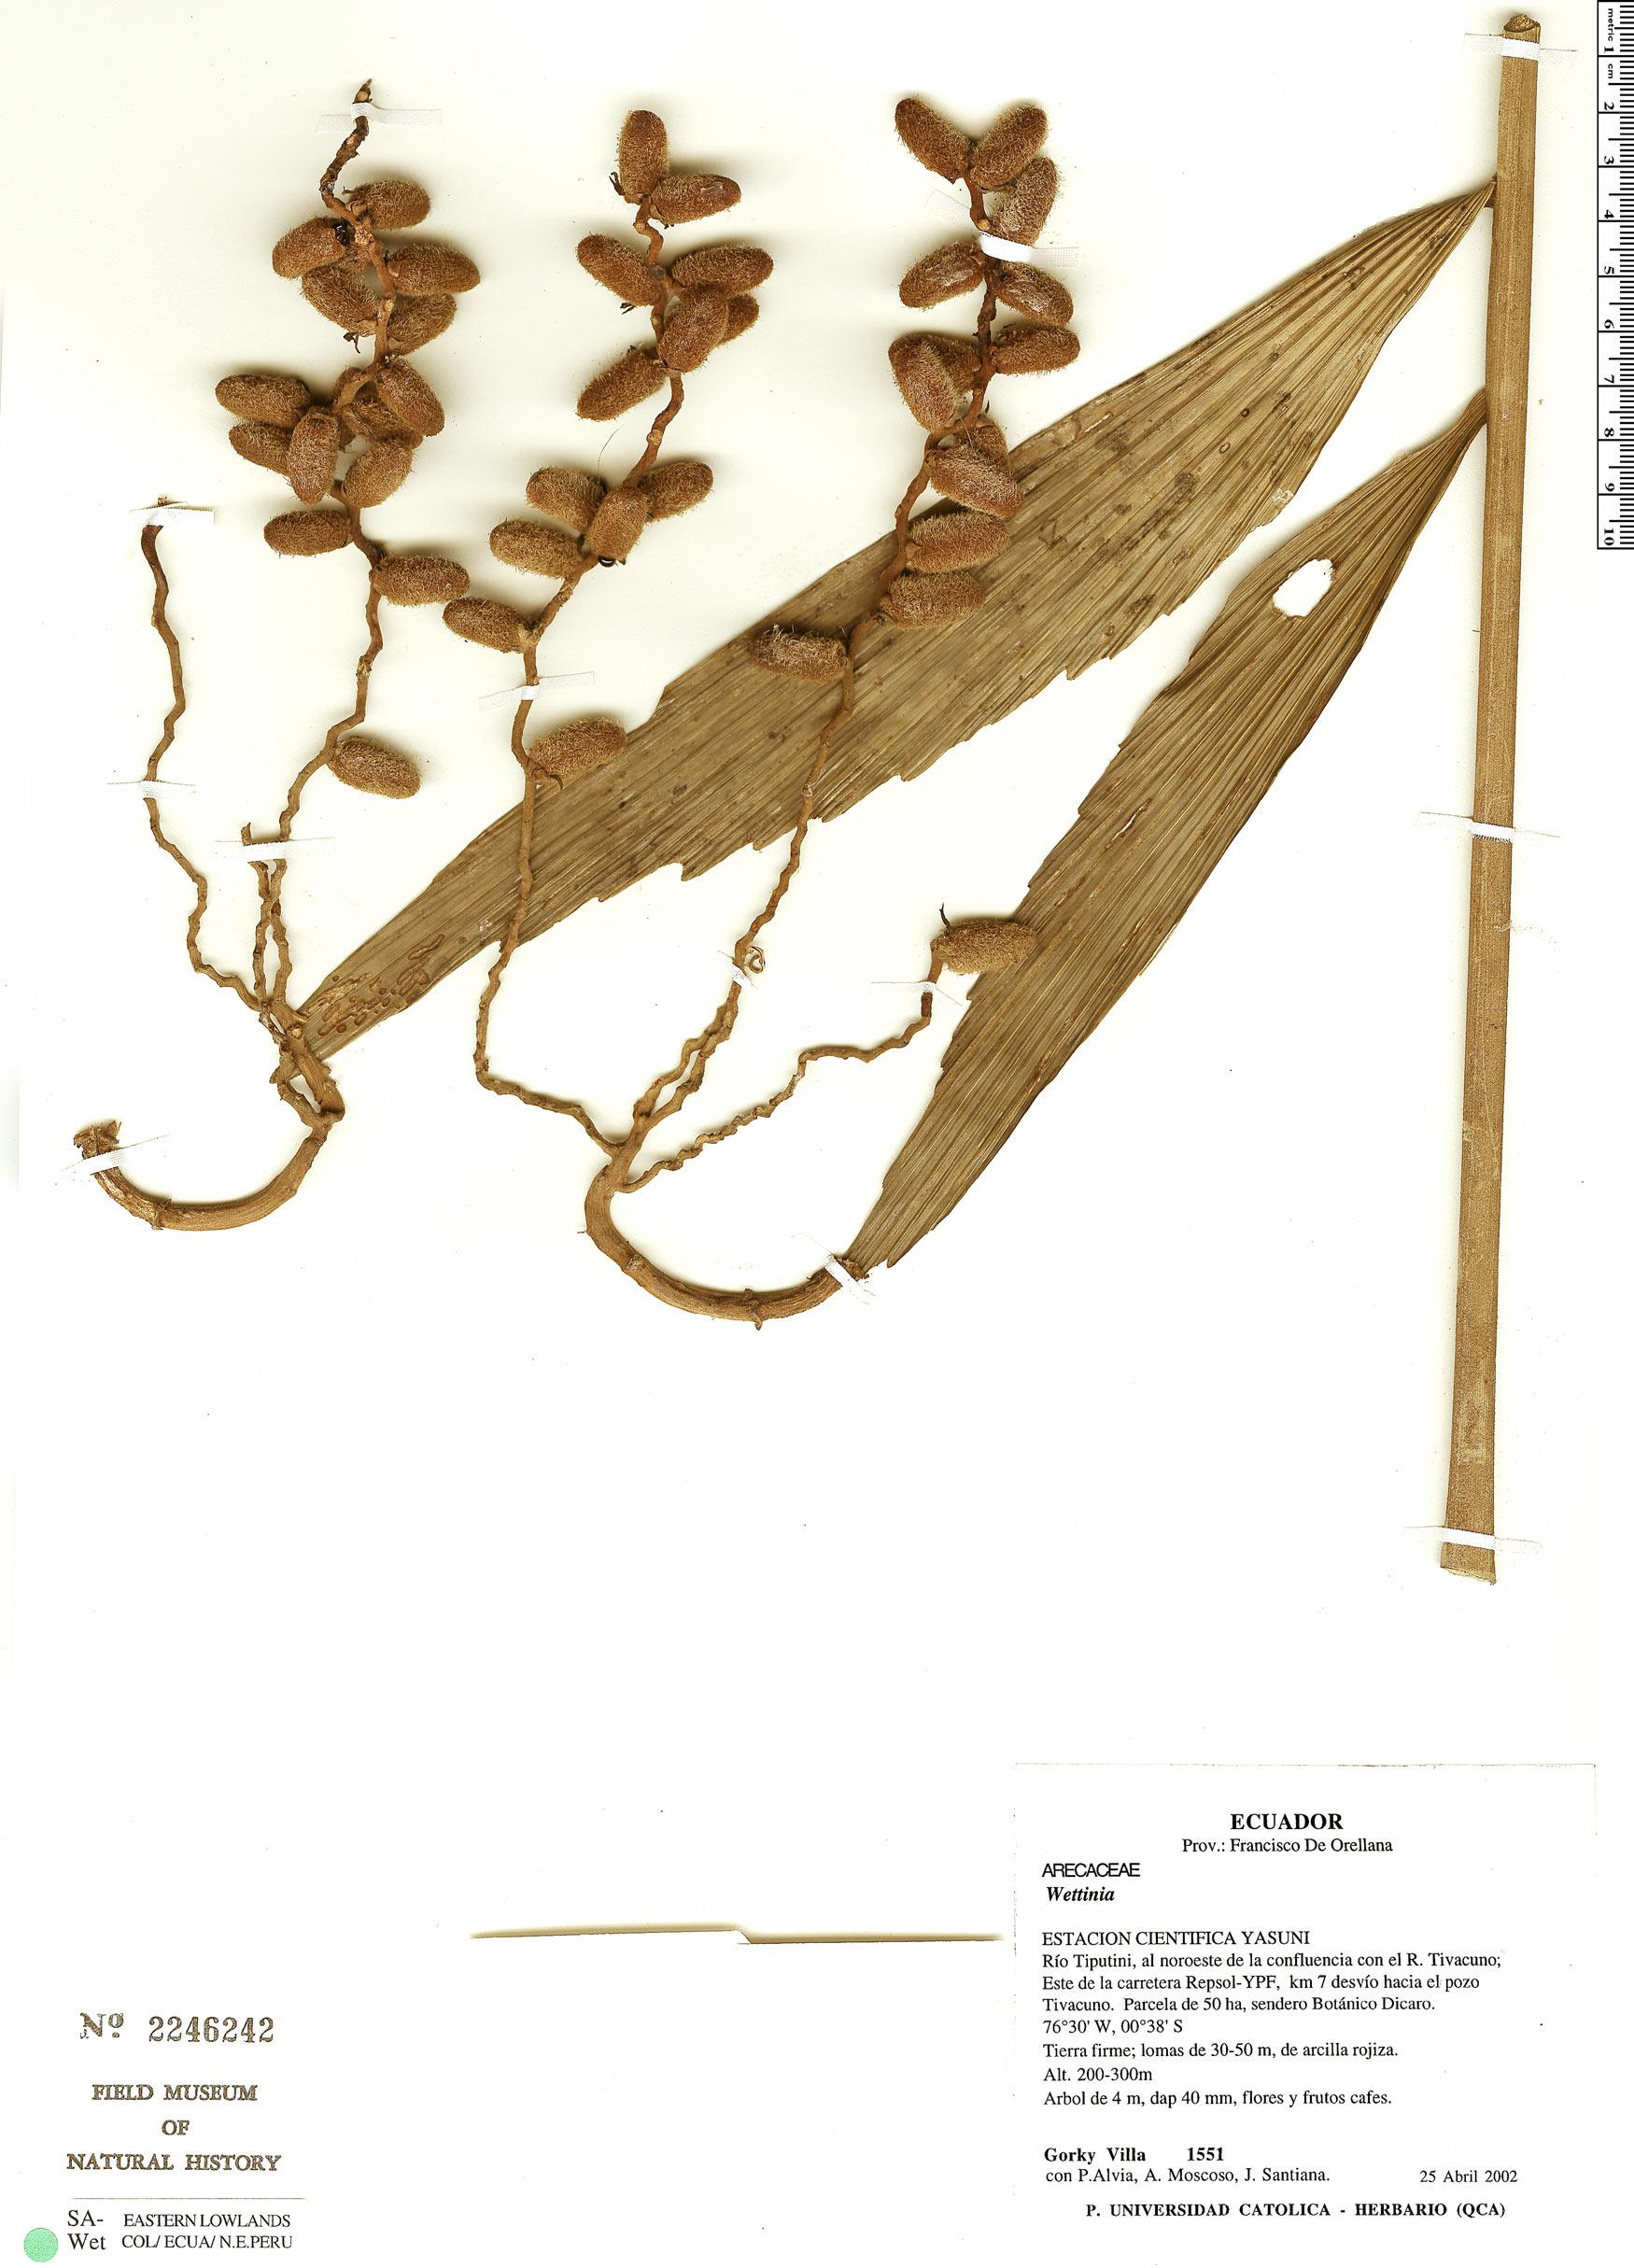 Specimen: Wettinia aequatorialis